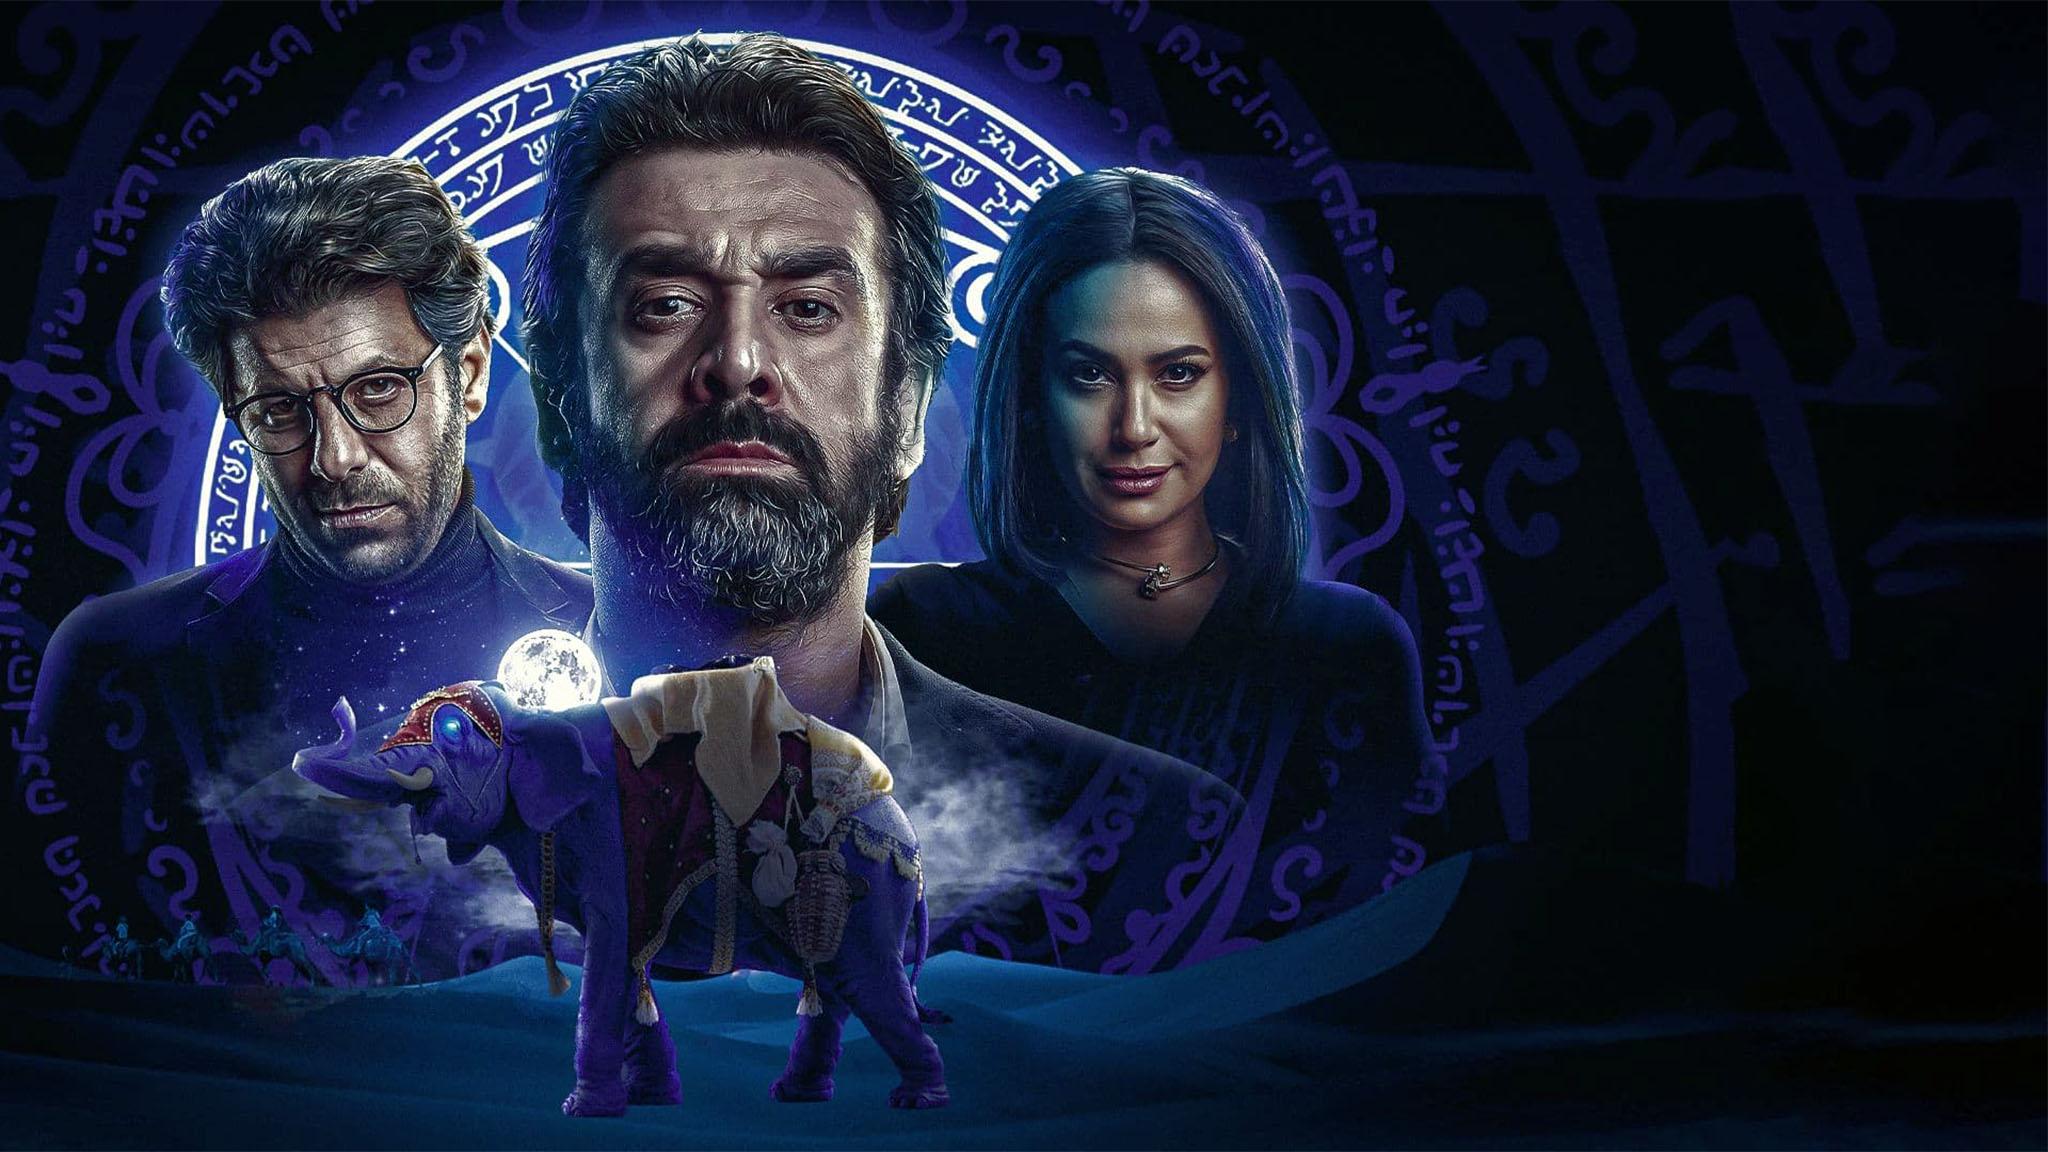 فيلم الفيل الازرق 2 2019